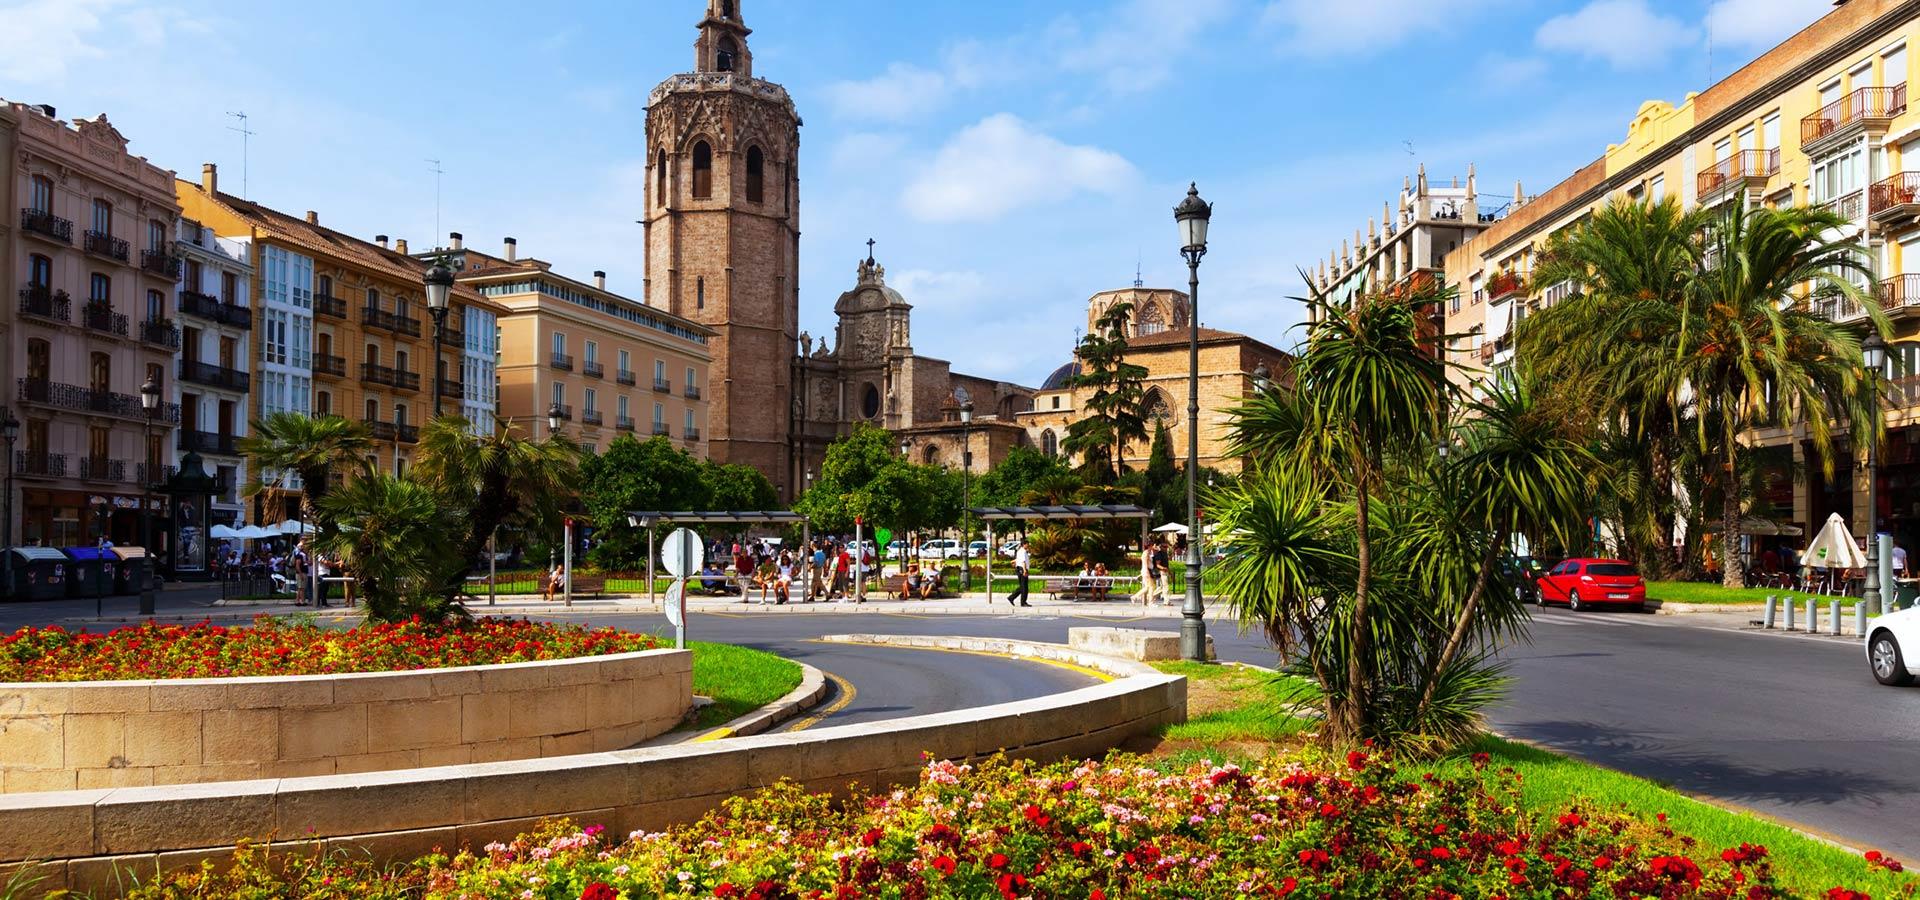 Marcopesca Import - Mayorista de Pescados y Mariscos en Valencia